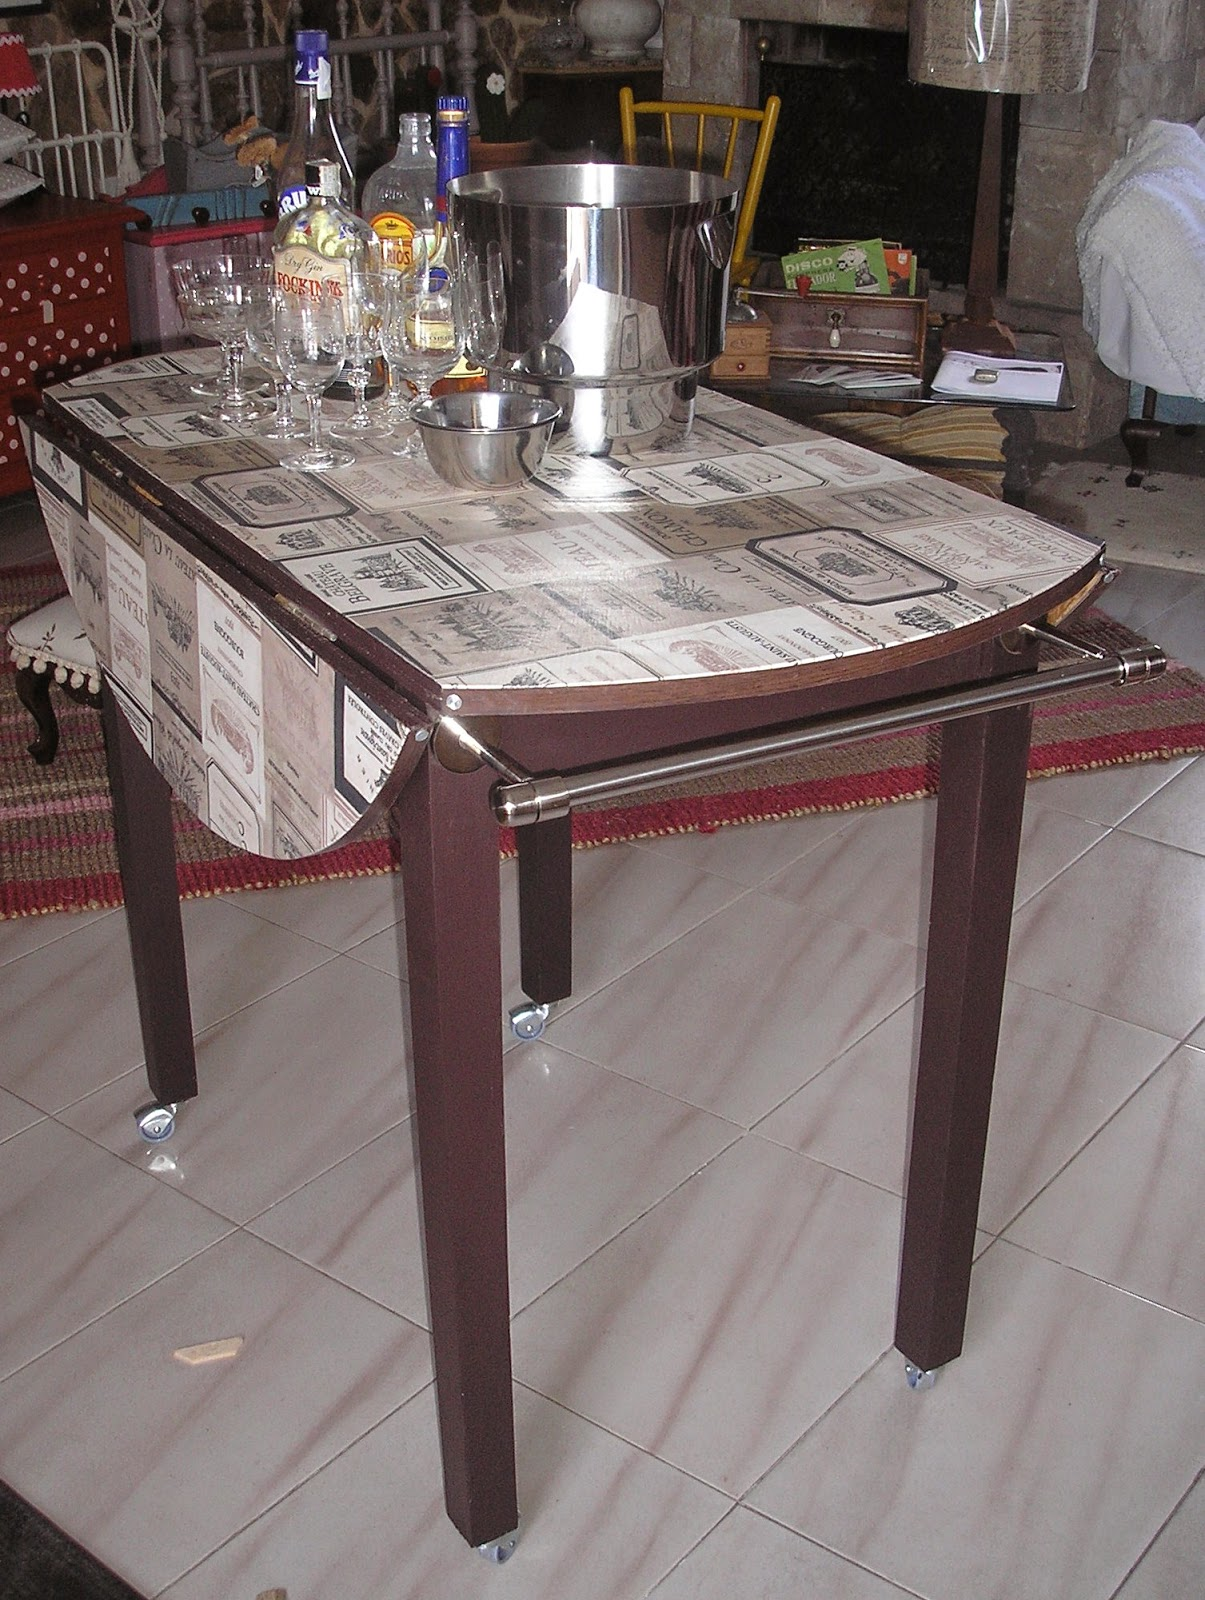 El desvan de mamen mesa de cocina convertida en camarera - Camareras de cocina ...